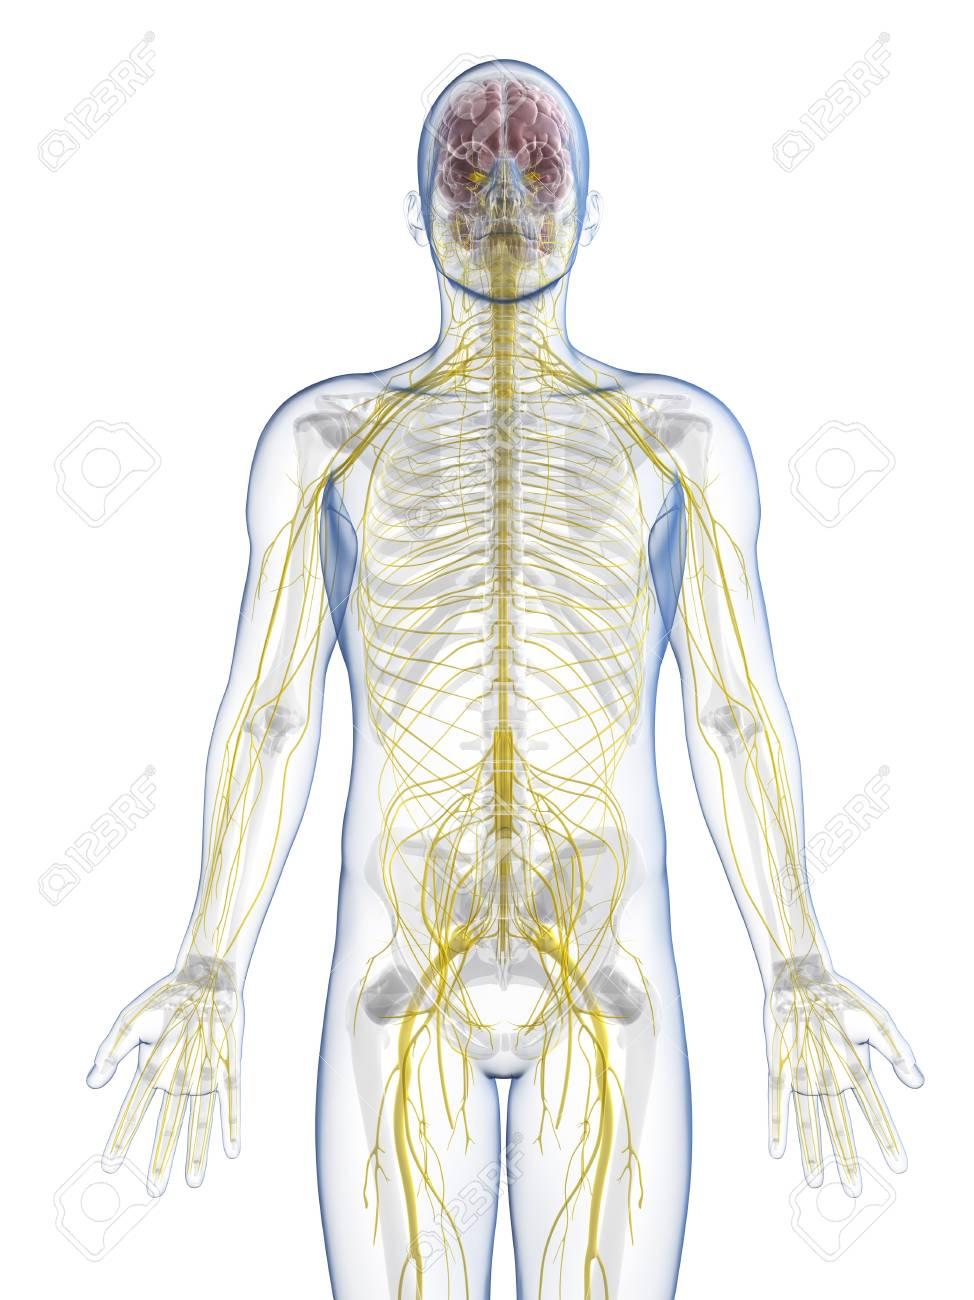 Ziemlich Malvorlagen Zum Nervensystem Zeitgenössisch - Malvorlagen ...